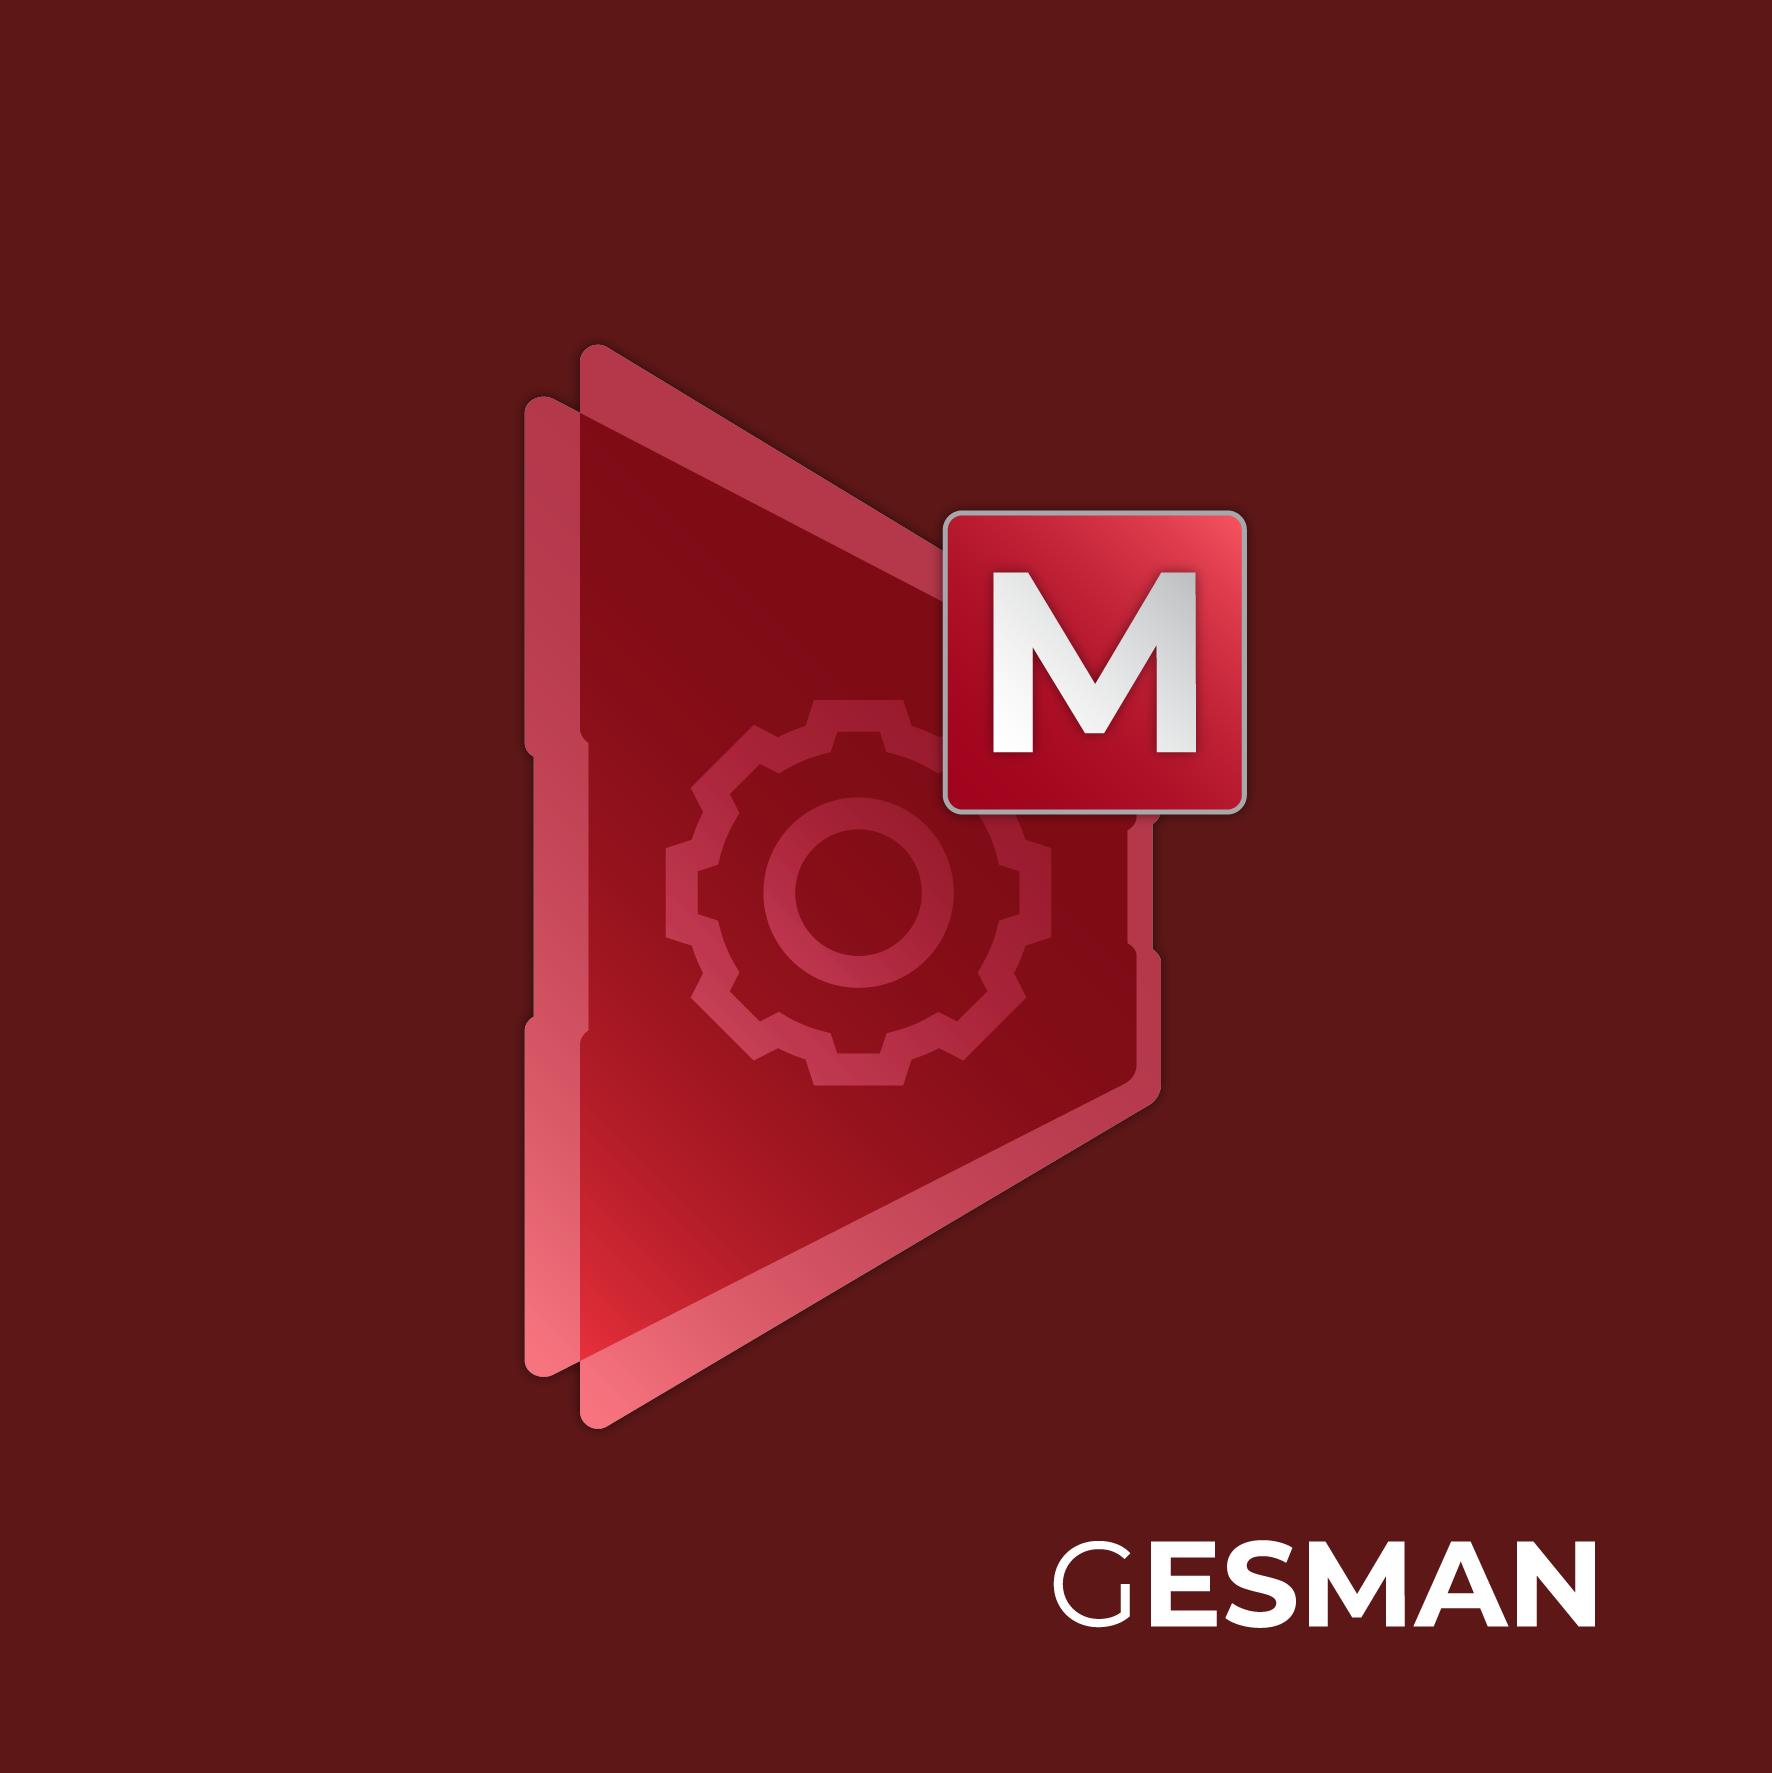 Logo Gesman aplicação alternativa